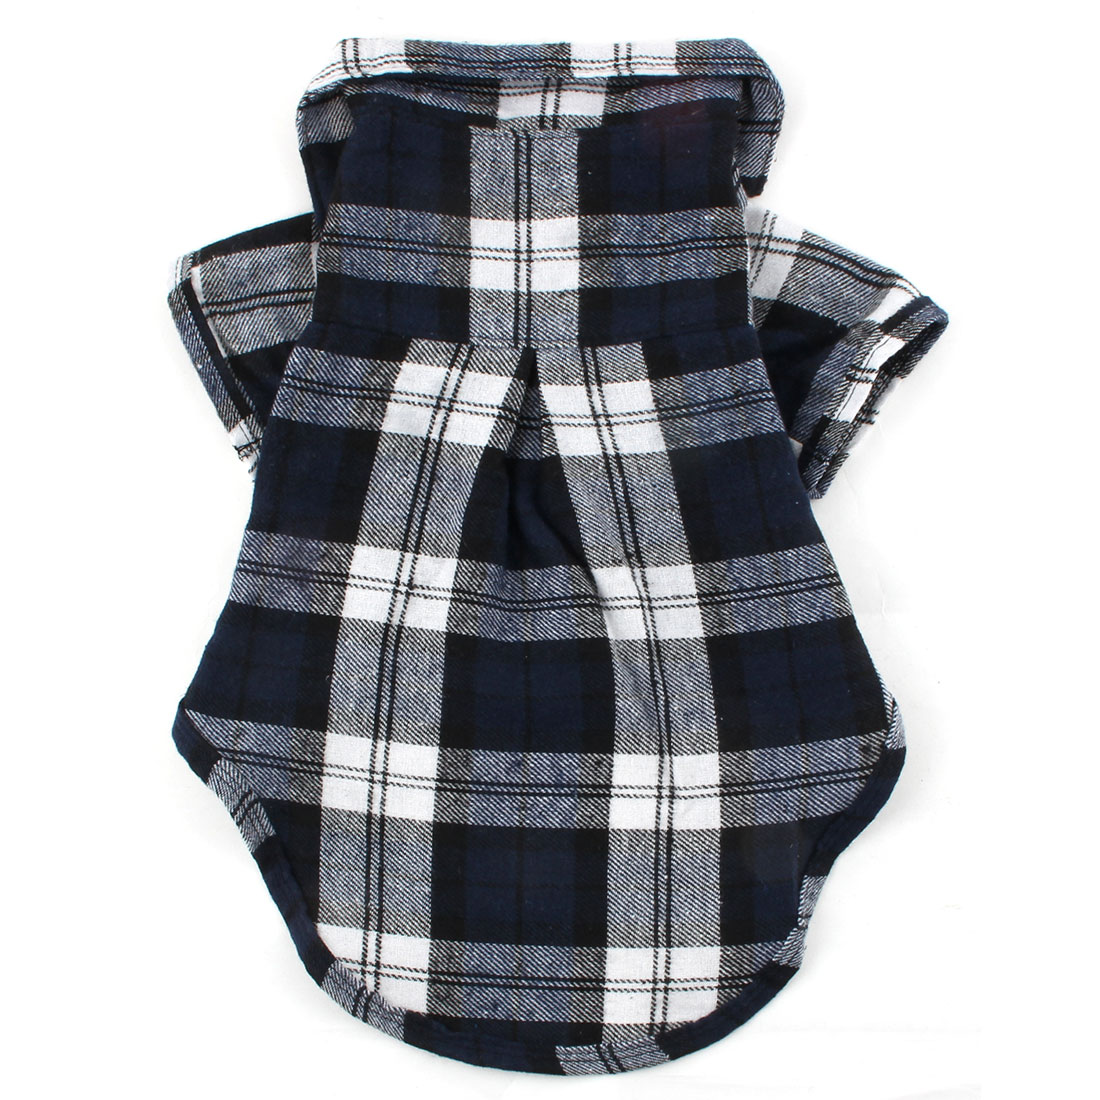 Pet Dog Cat Cotton Blend Plaid Pattern T-Shirt Lapel Vest Clothes Blue Size M